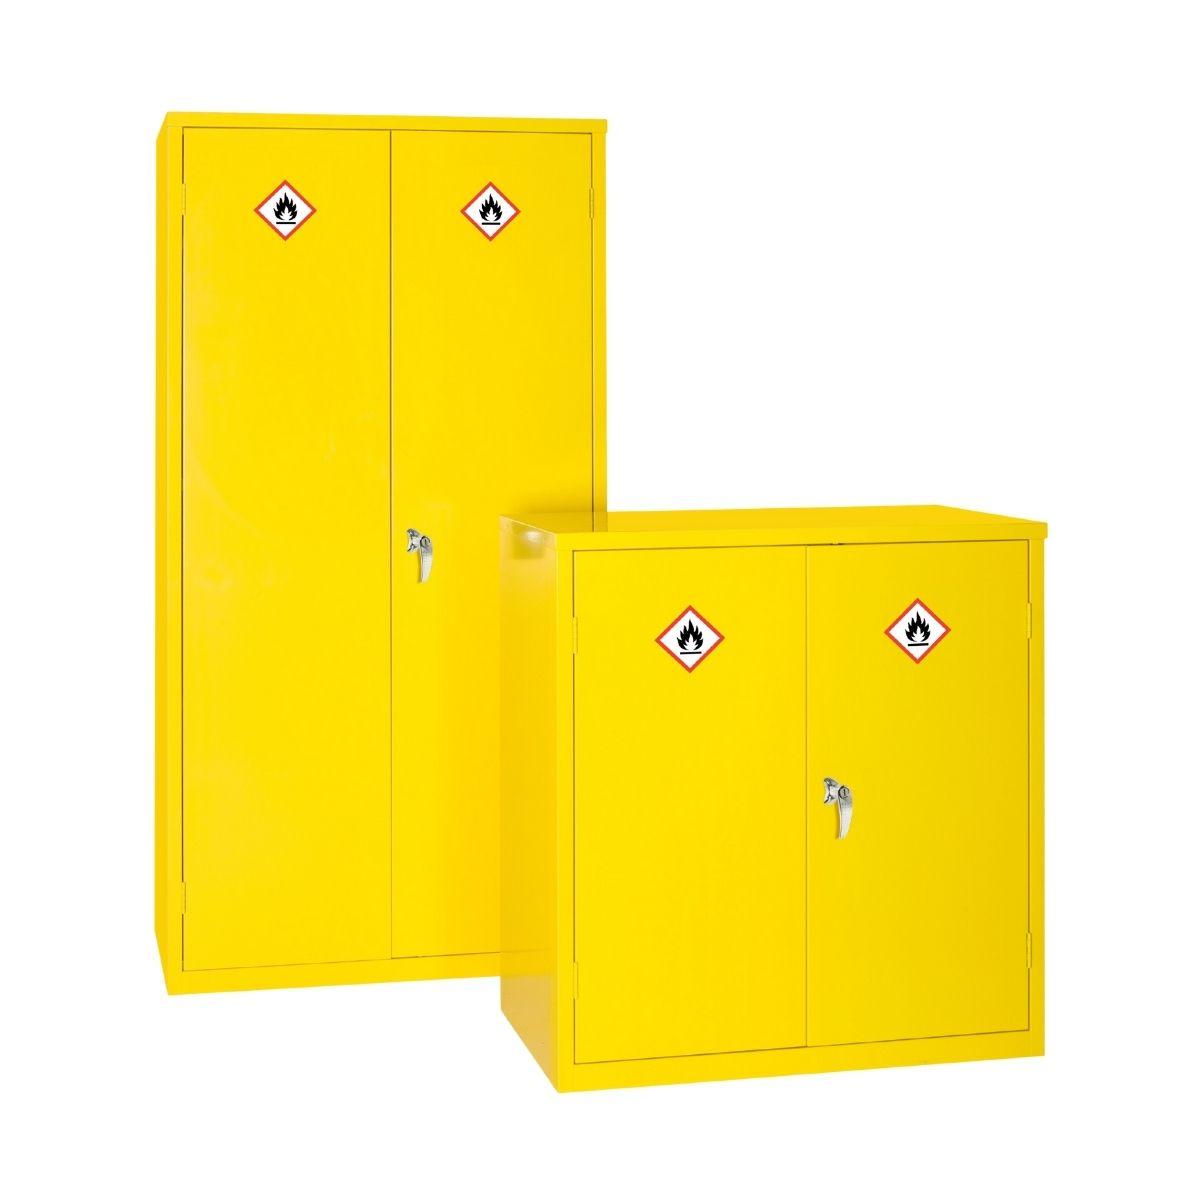 JP0045 Dangerous Substance Cabinets 1200 x 915 x 457